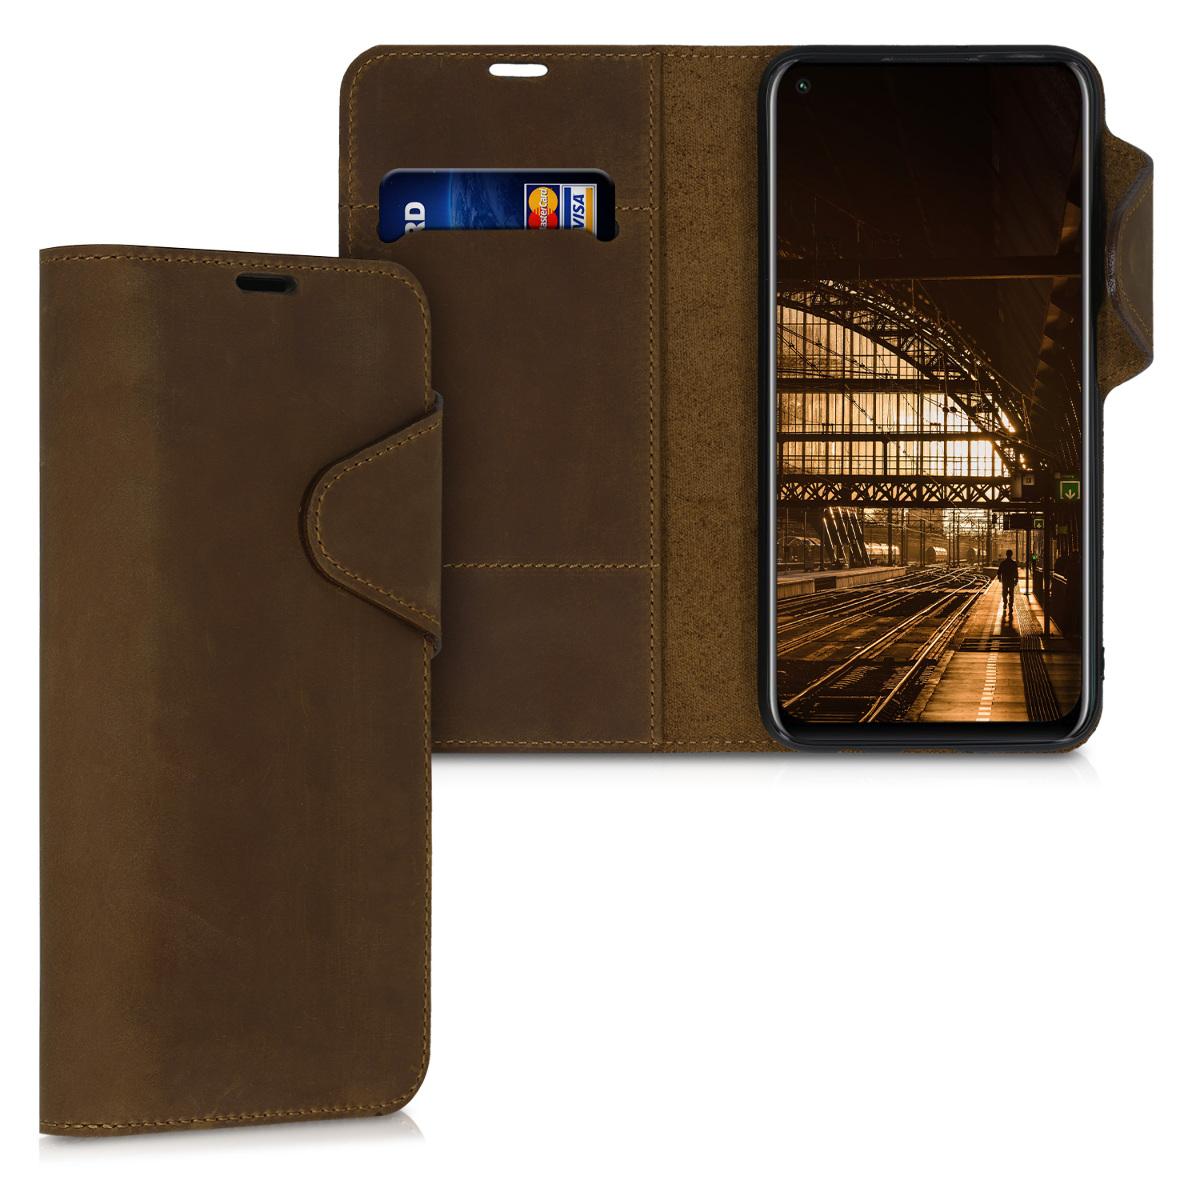 Pravé kožené hnědé pouzdro / obal ve stylu knihy pro Huawei P40 Lite